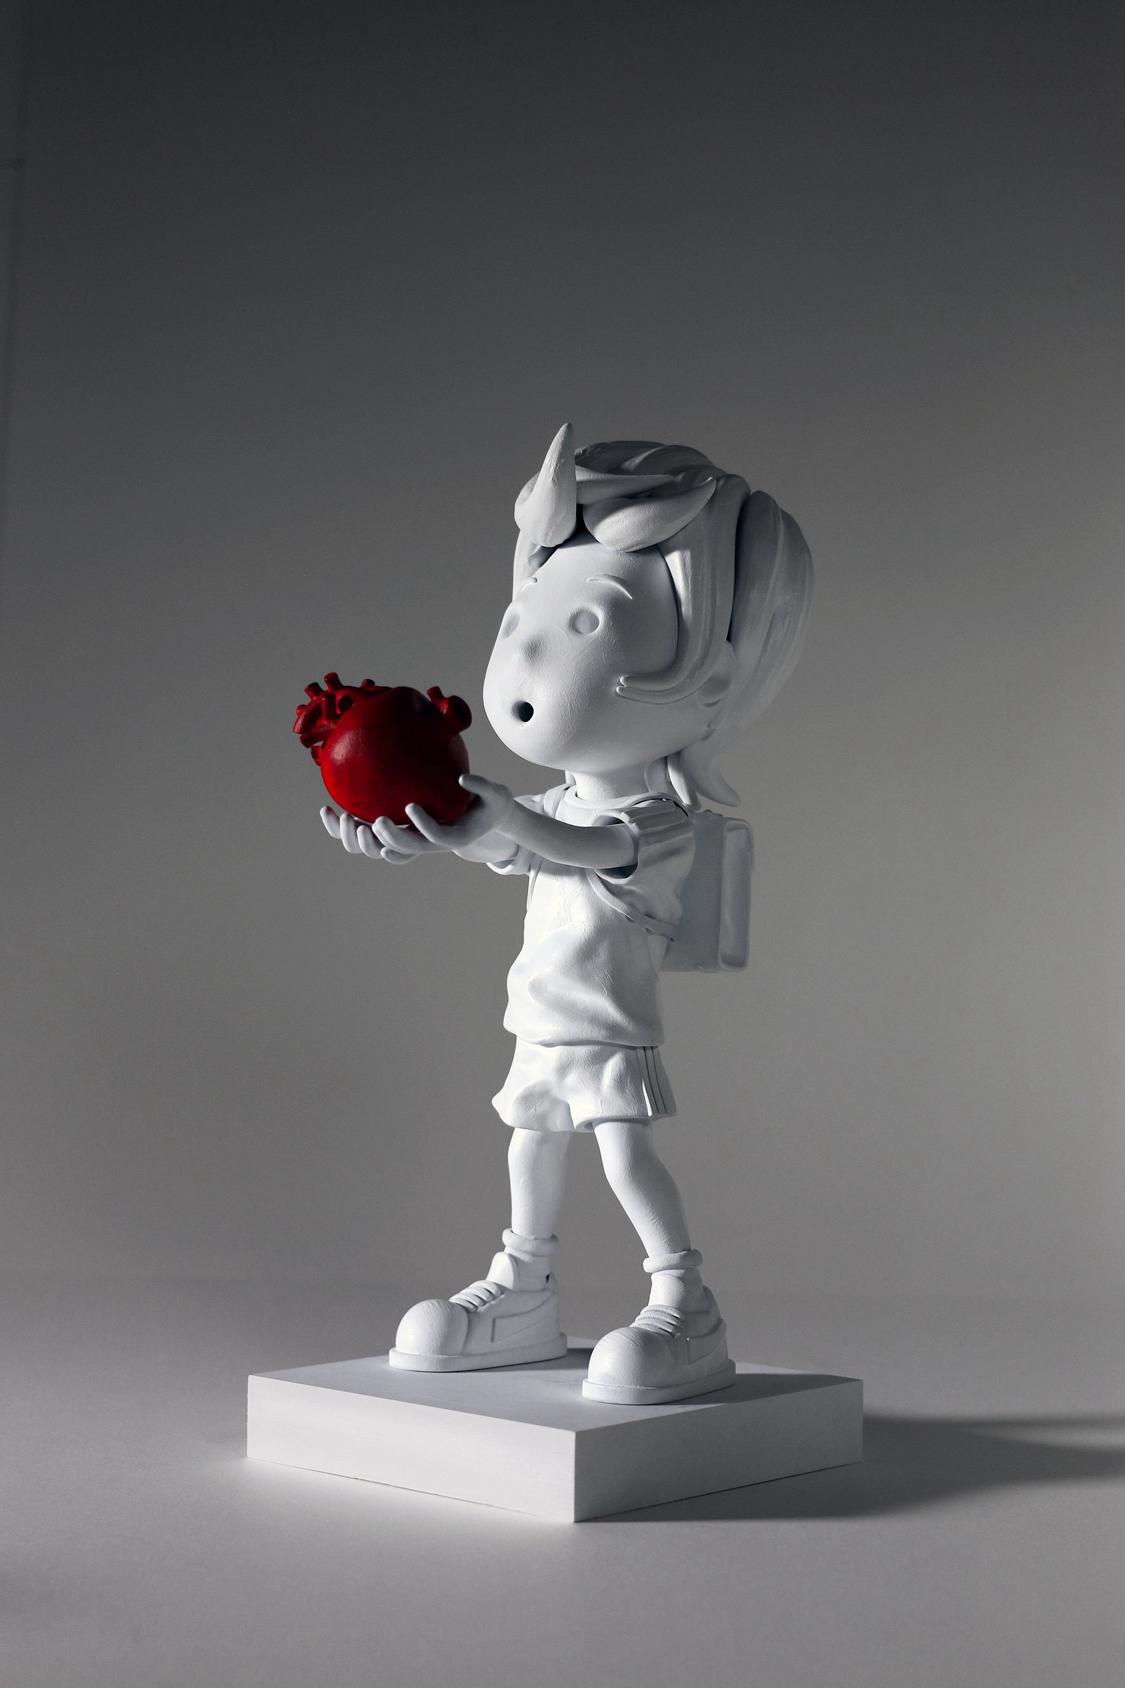 LOVE AGAIN - RED HEART